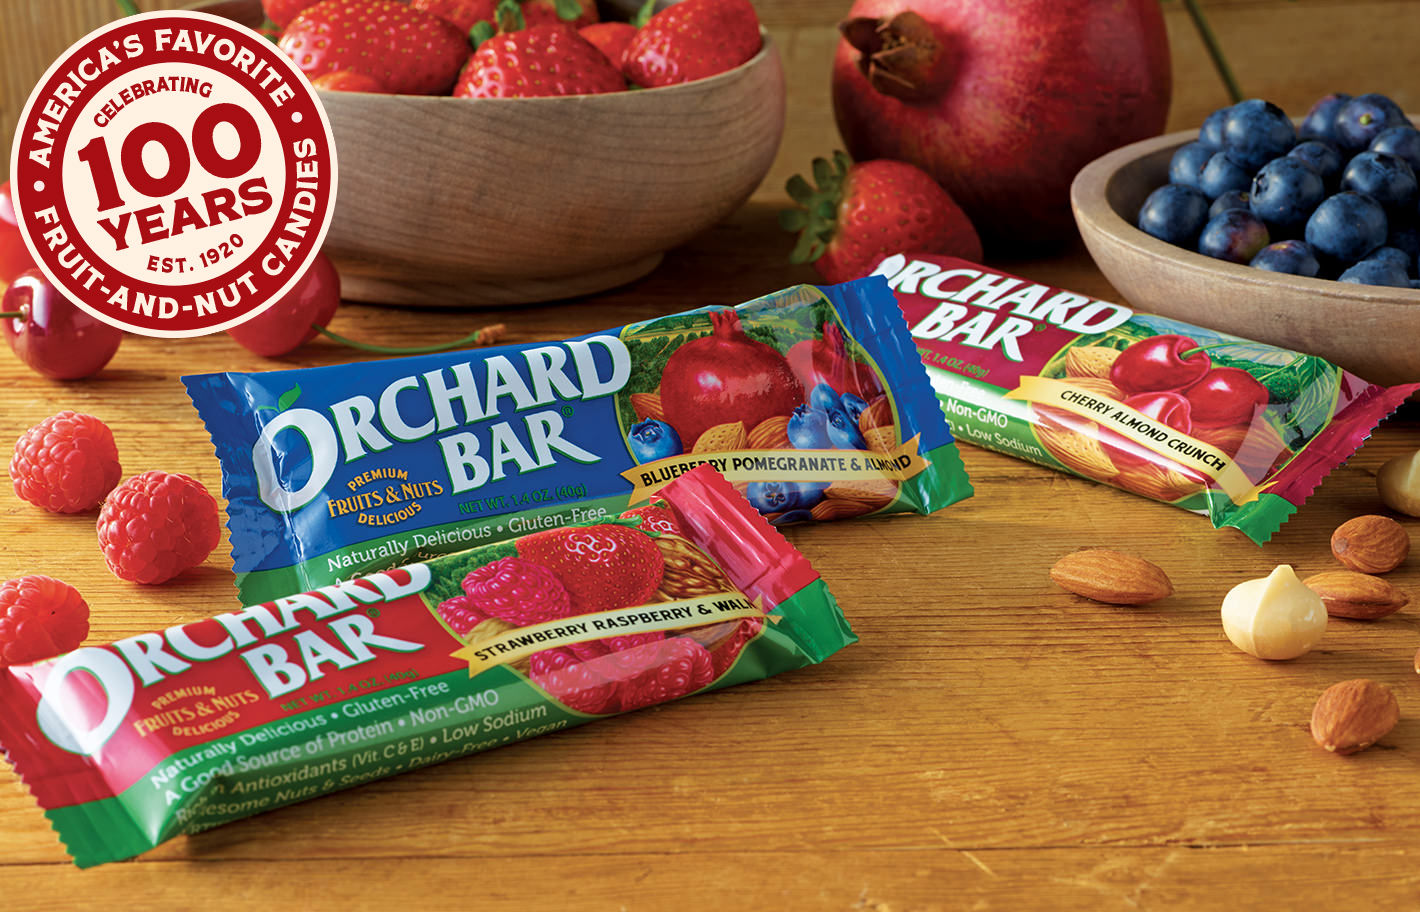 aplets cotlets fruit delights orchard bars fruit nut candies